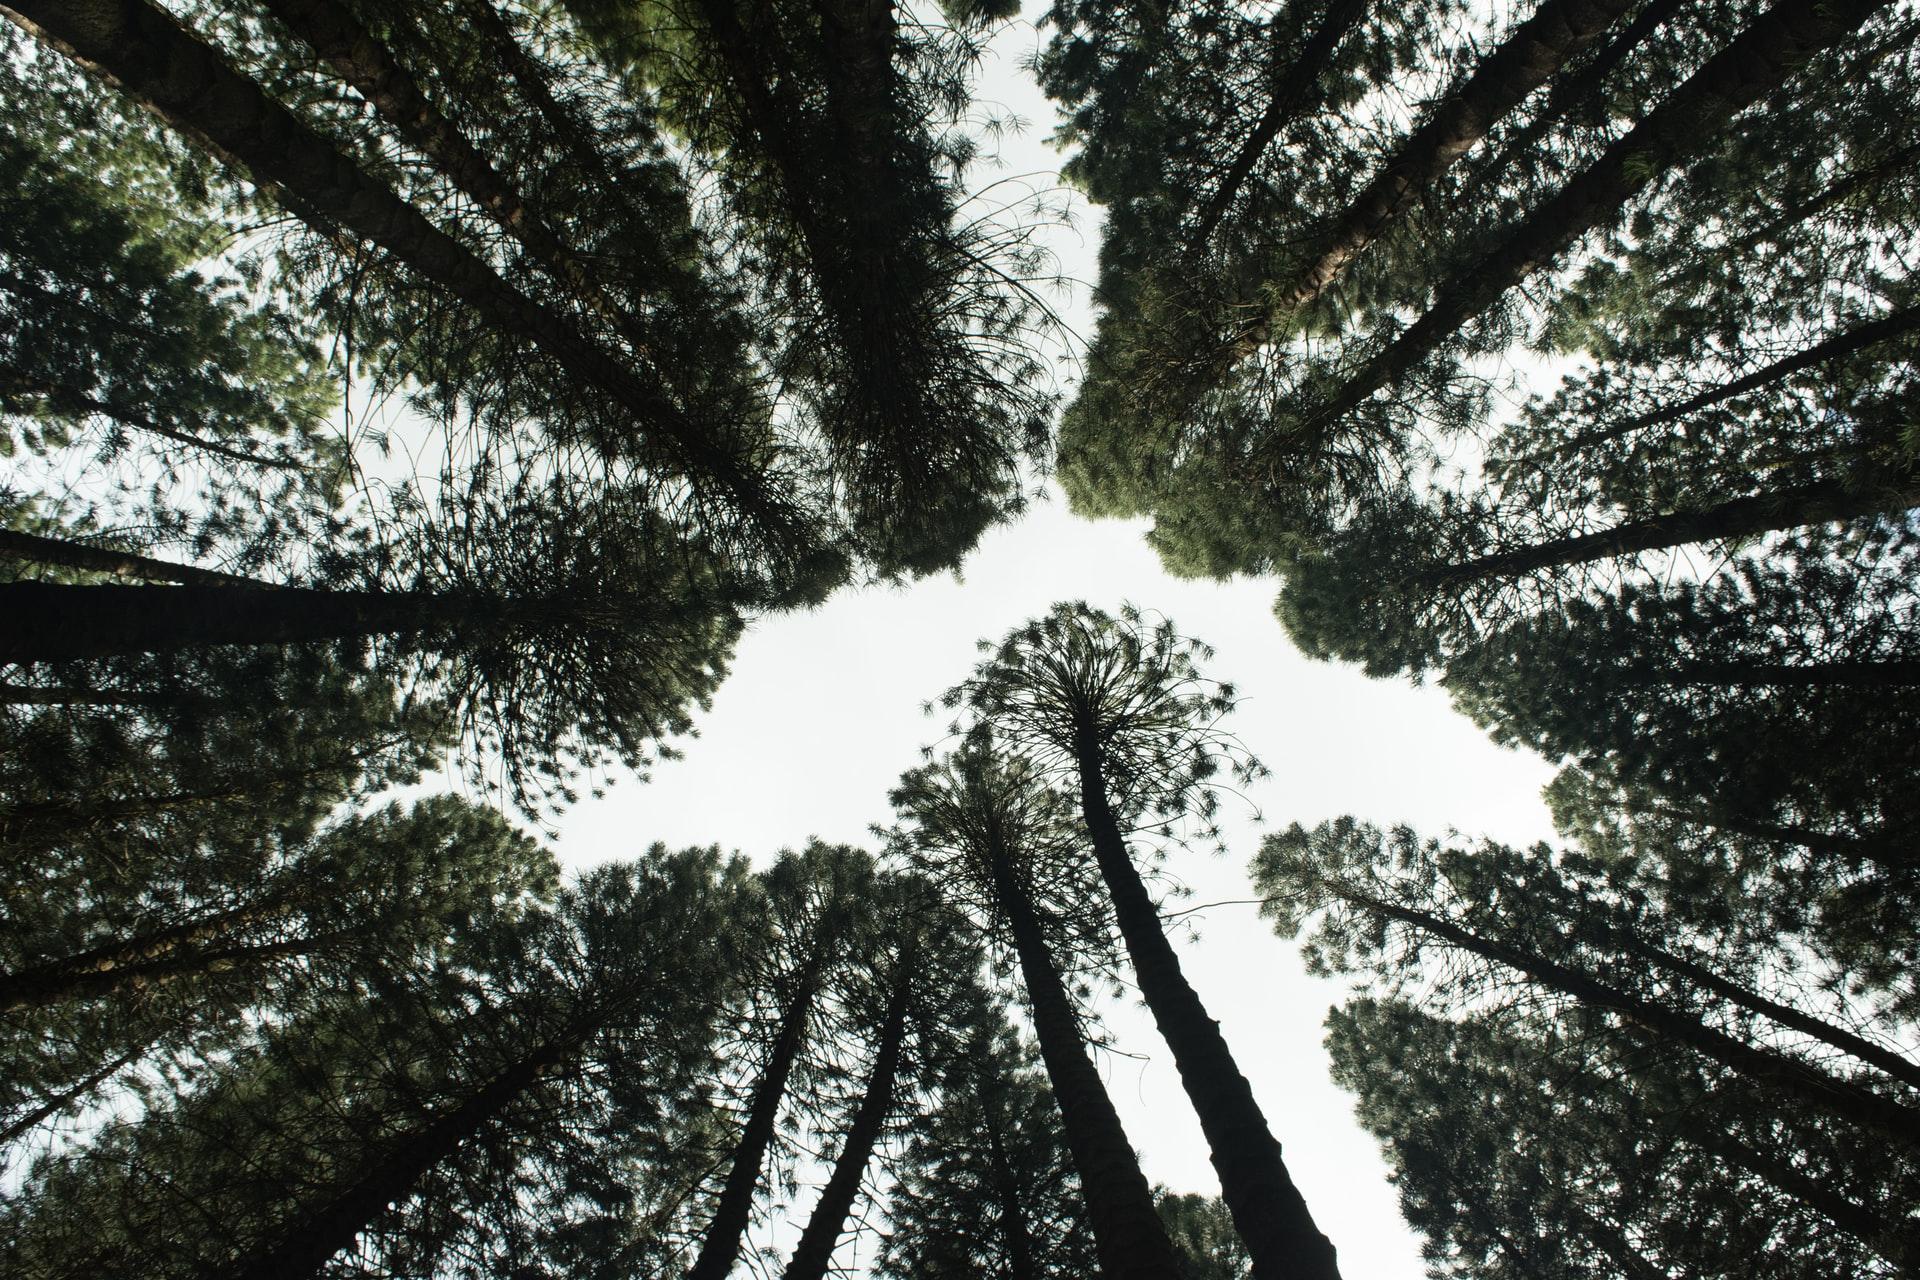 Brasil passa a integrar o Protocolo de Nagoya sobre biodiversidade